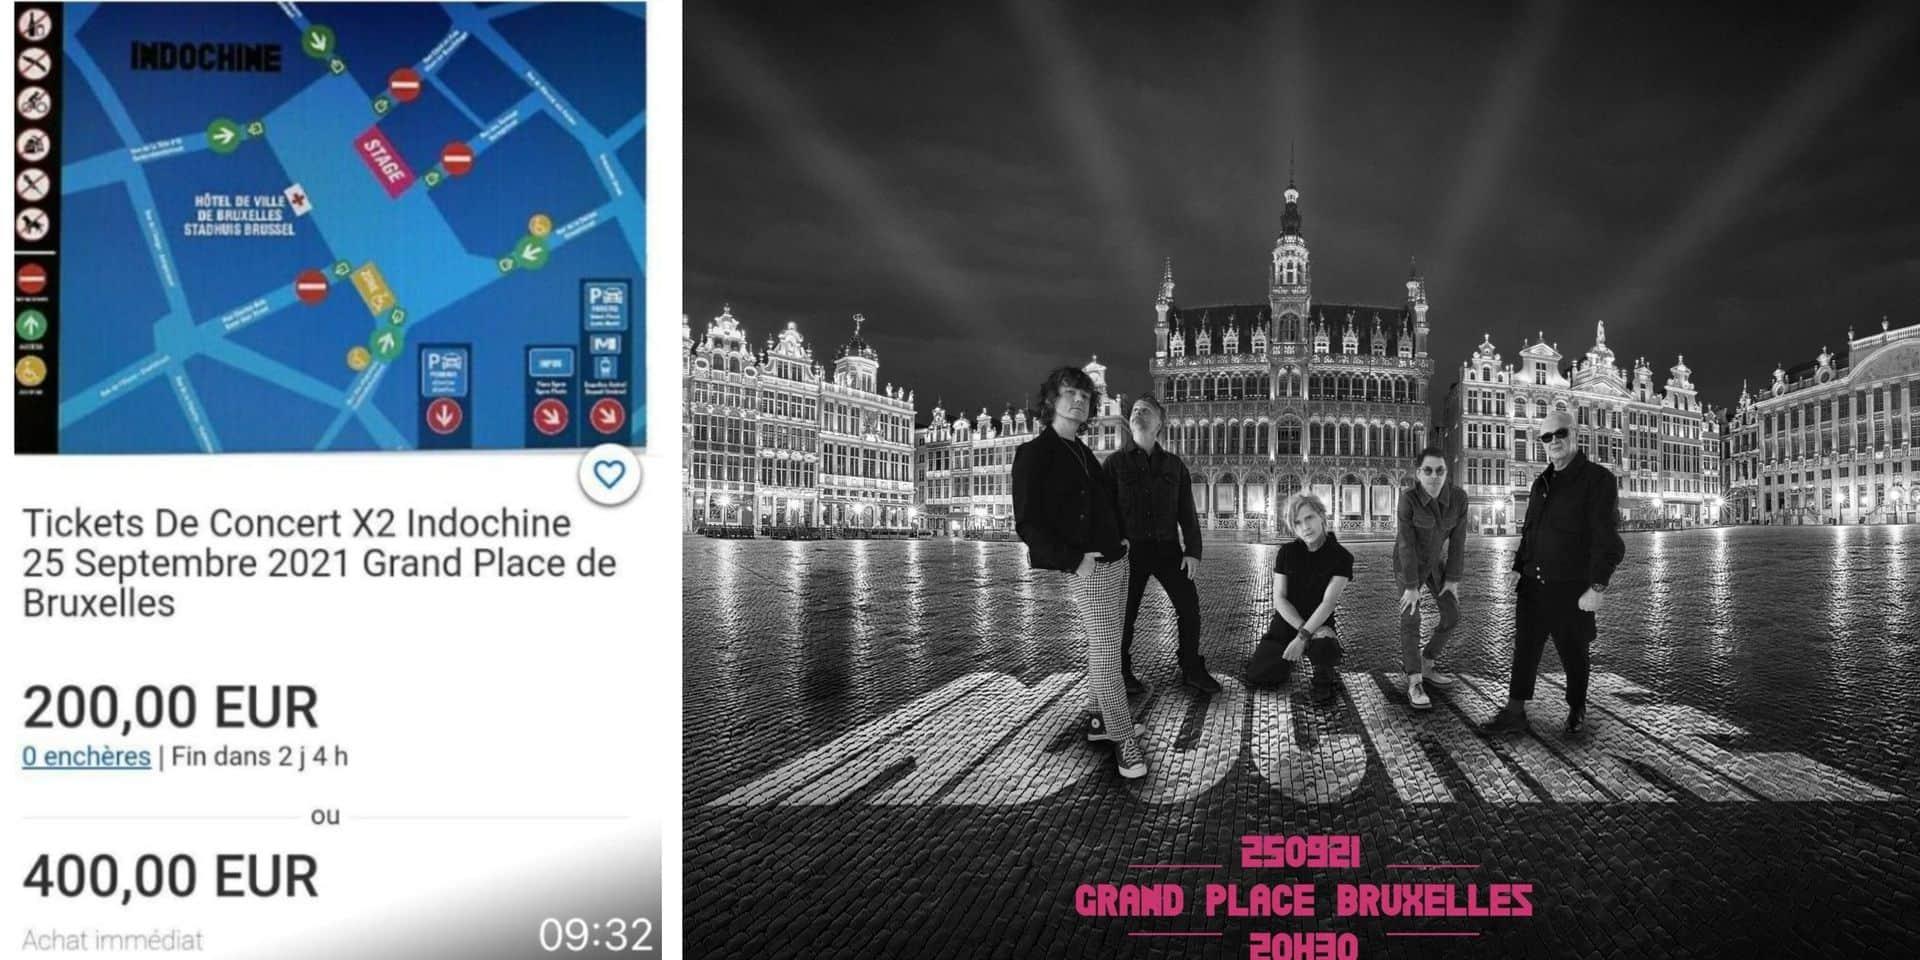 Attention aux arnaques : des tickets pour le concert gratuit d'Indochine samedi à Bruxelles revendus jusqu'à 400 € sur Internet